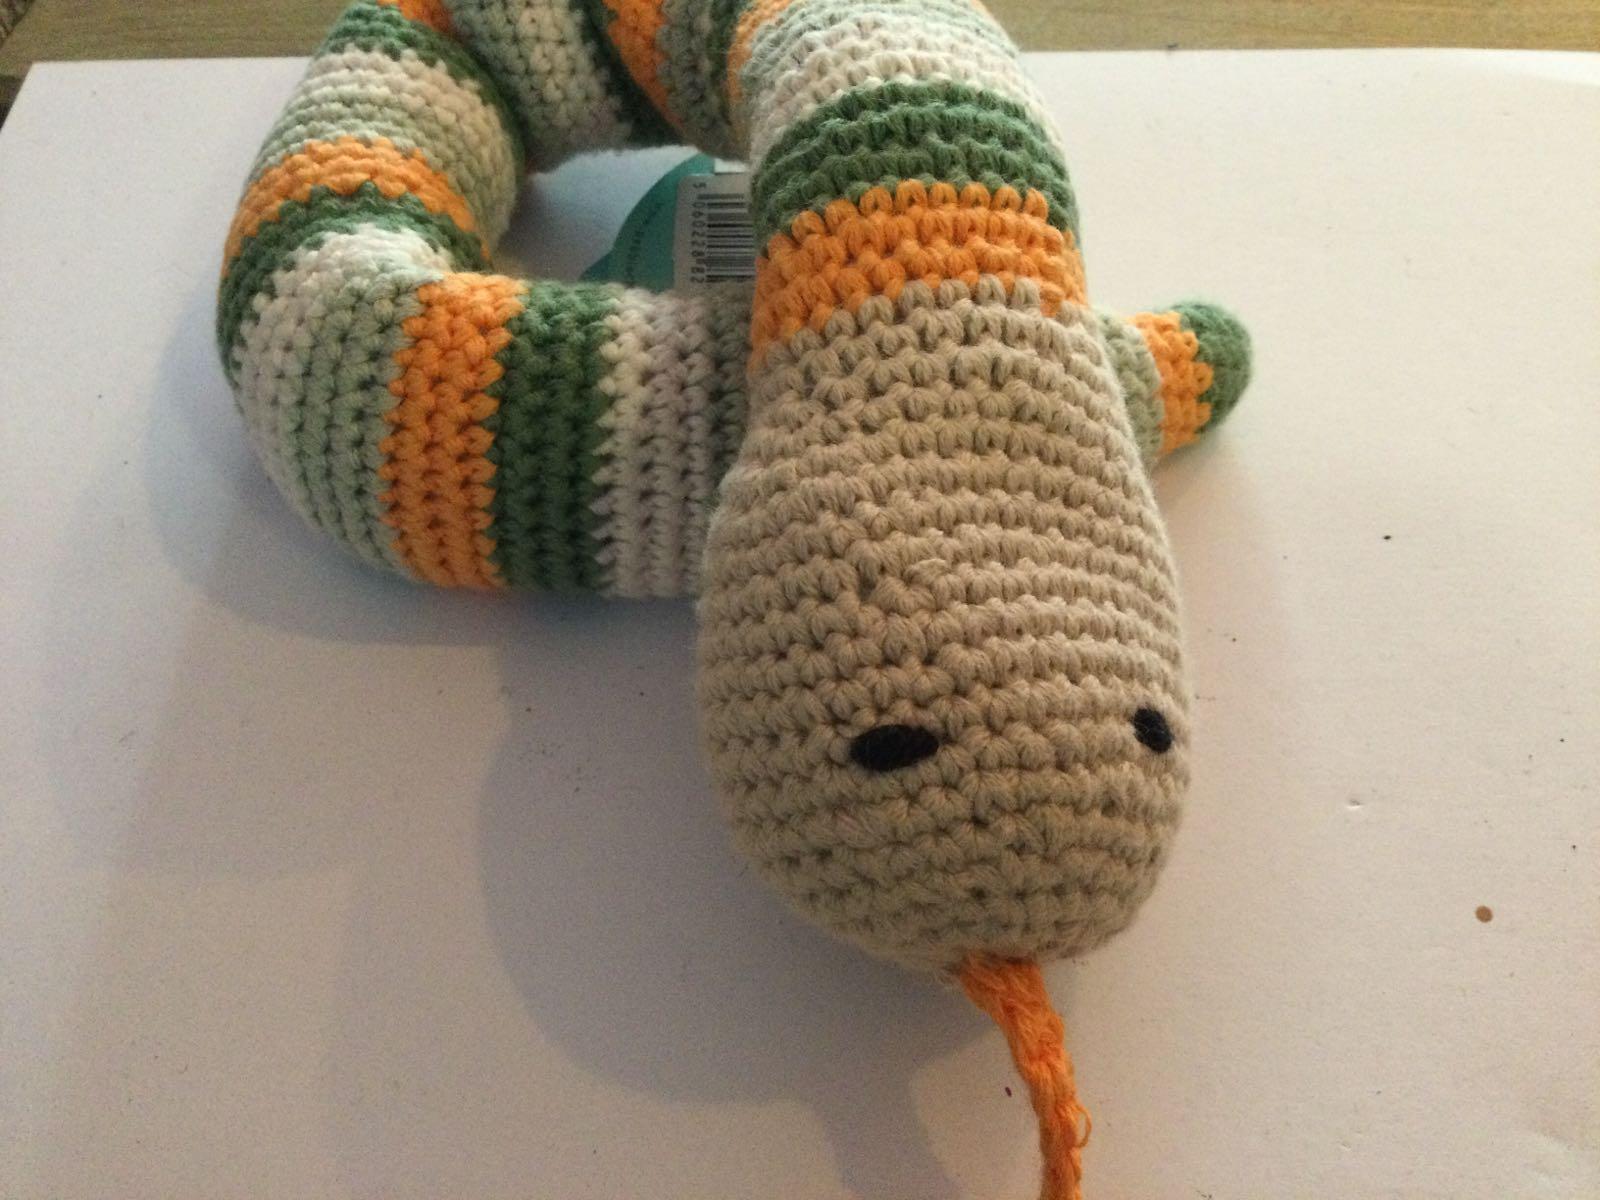 Pebble - Crochet Snake Rattle - Khaki